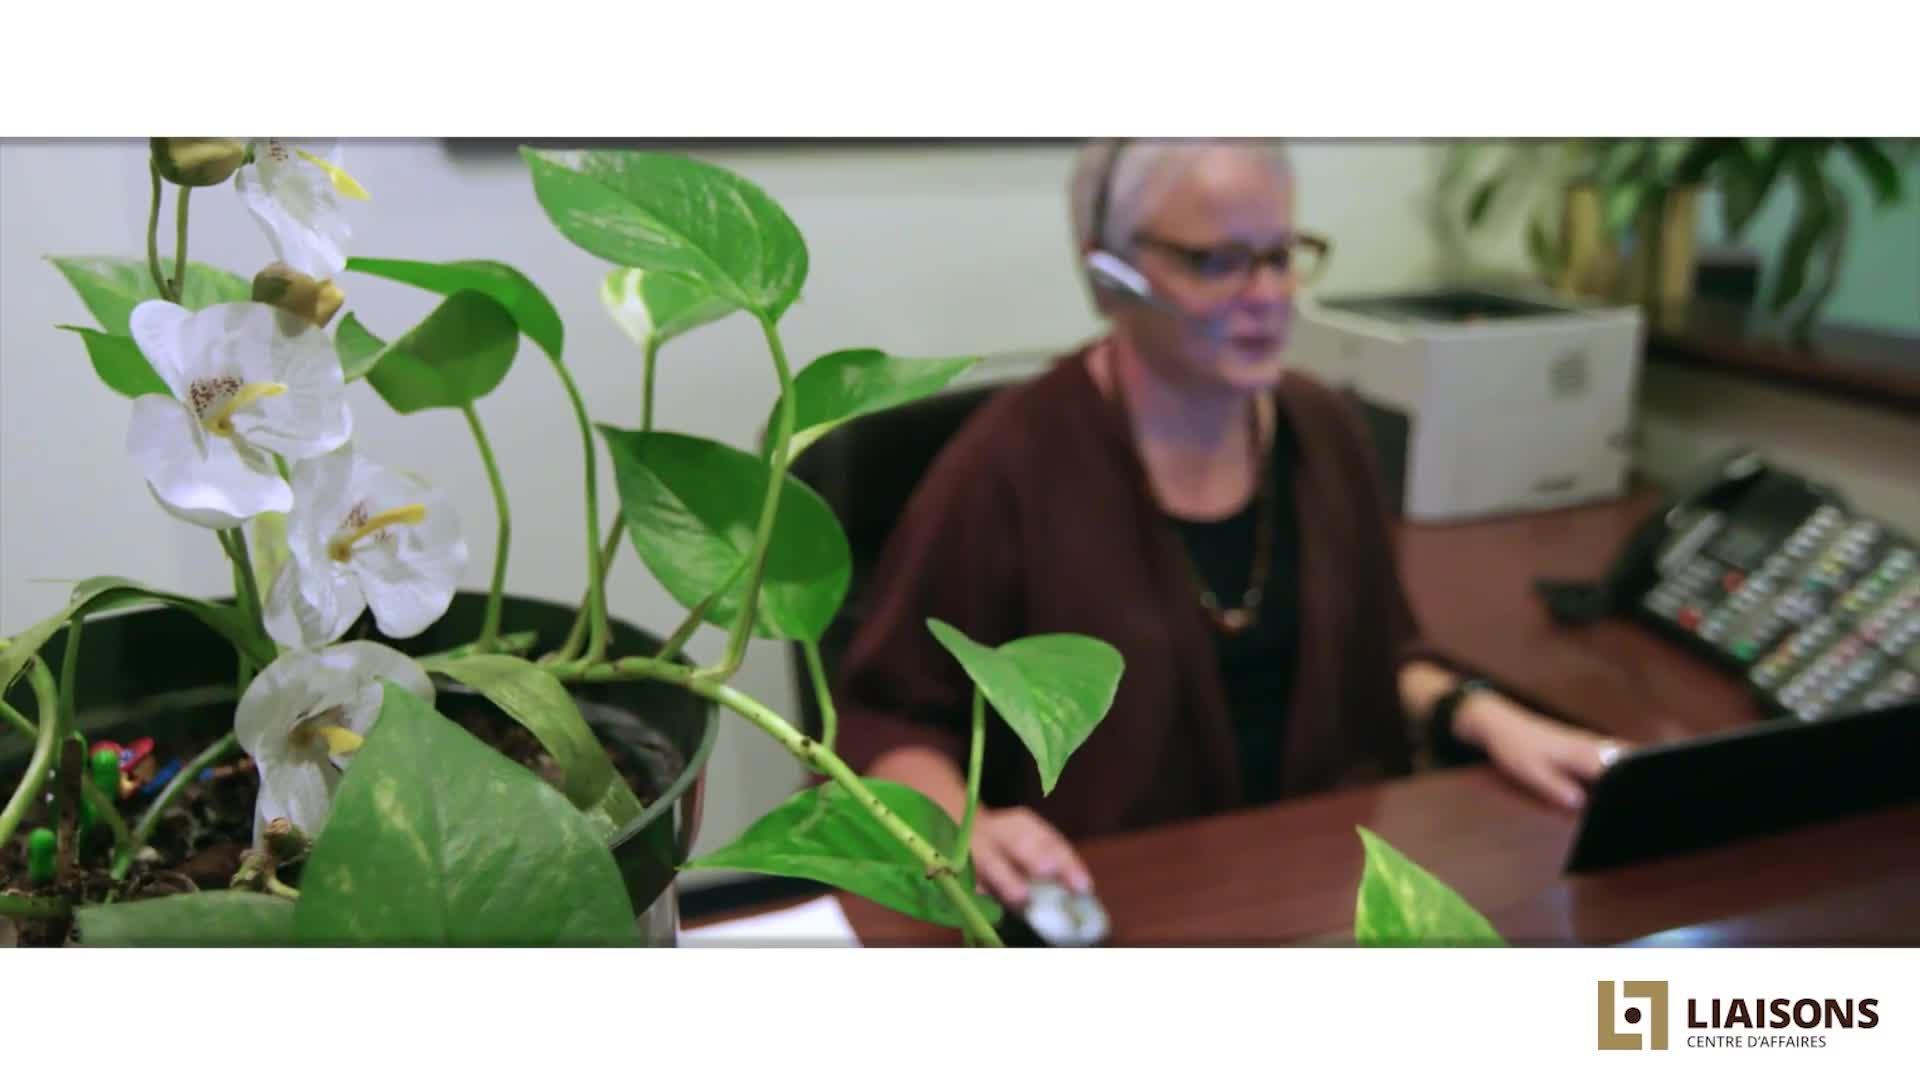 Liaisons Business Centre - Office & Desk Space Rental - 514-286-7544